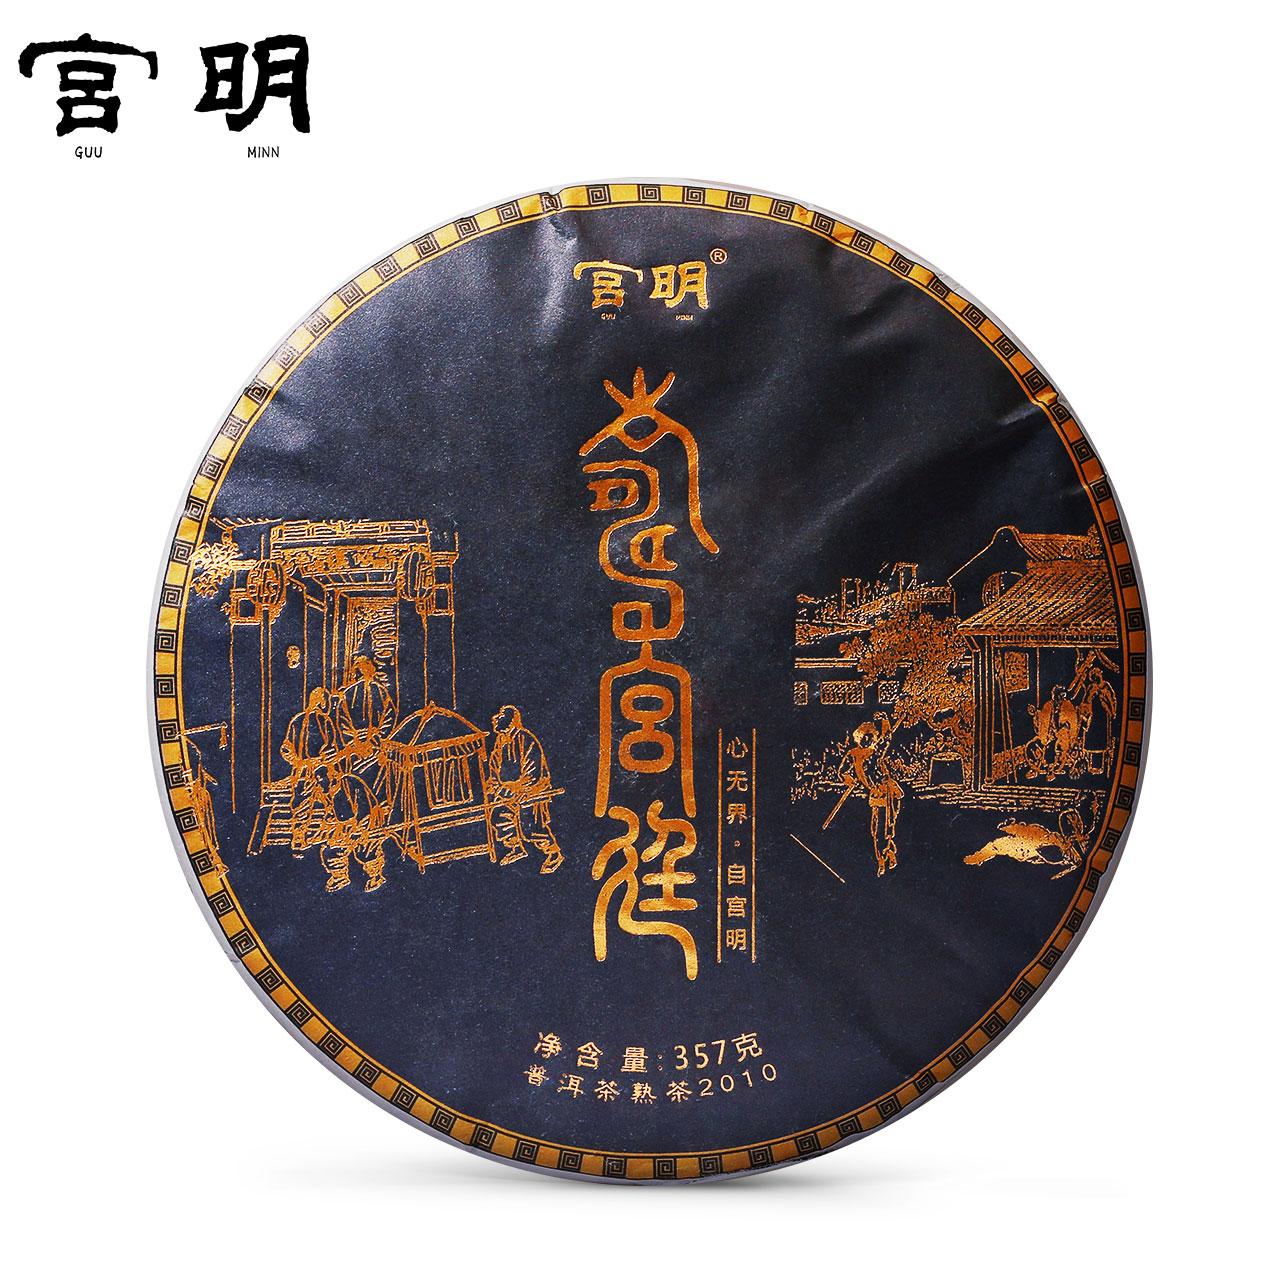 宫明茶叶 云南 普洱茶熟茶 2010年勐海古树 宫廷金芽七子饼茶357g